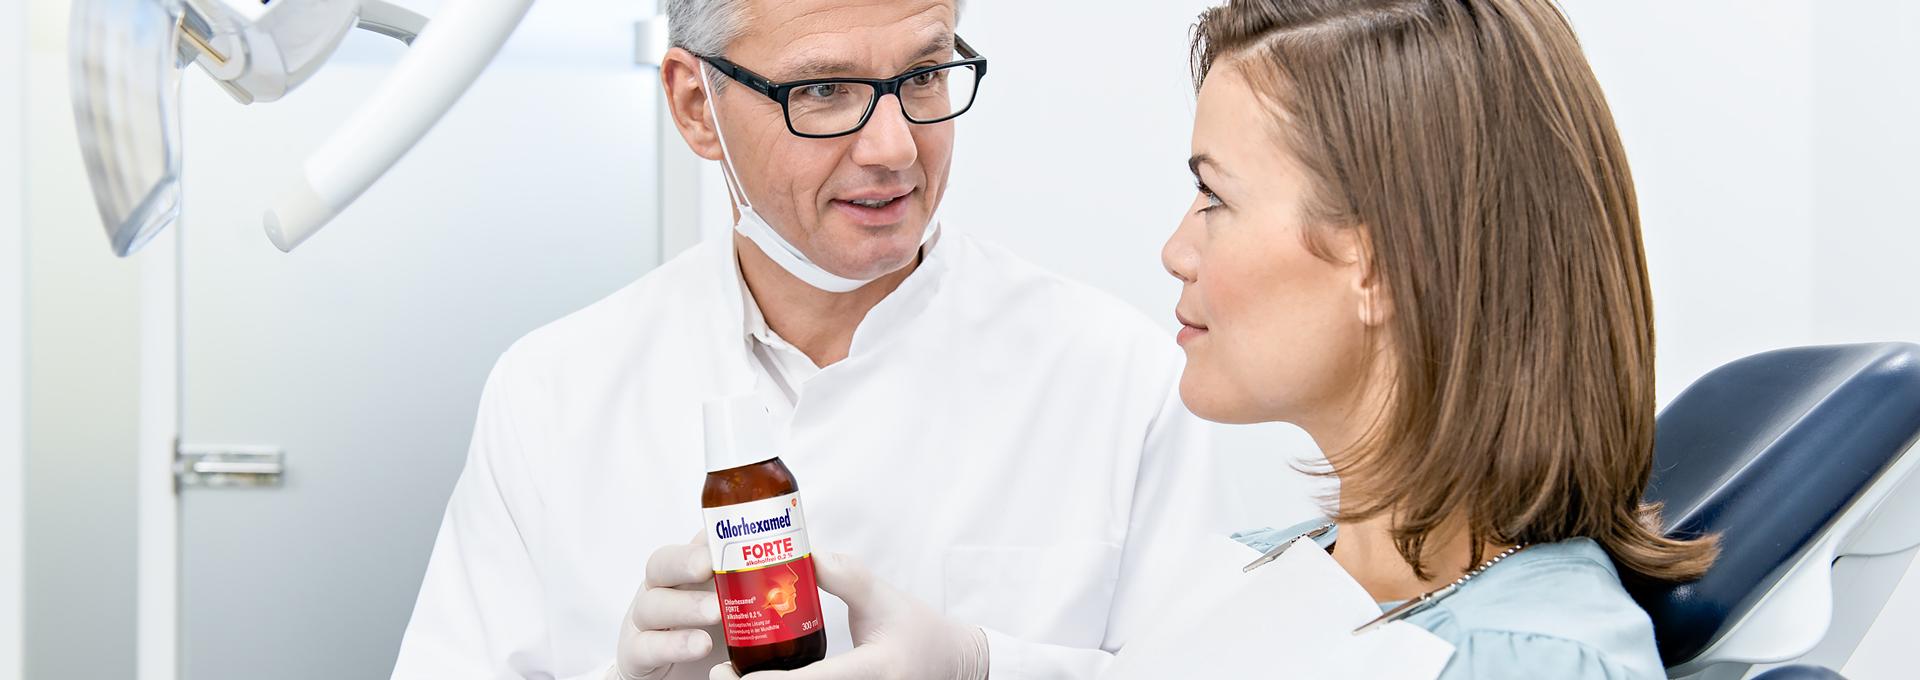 chlorhexamed gel erfahrung